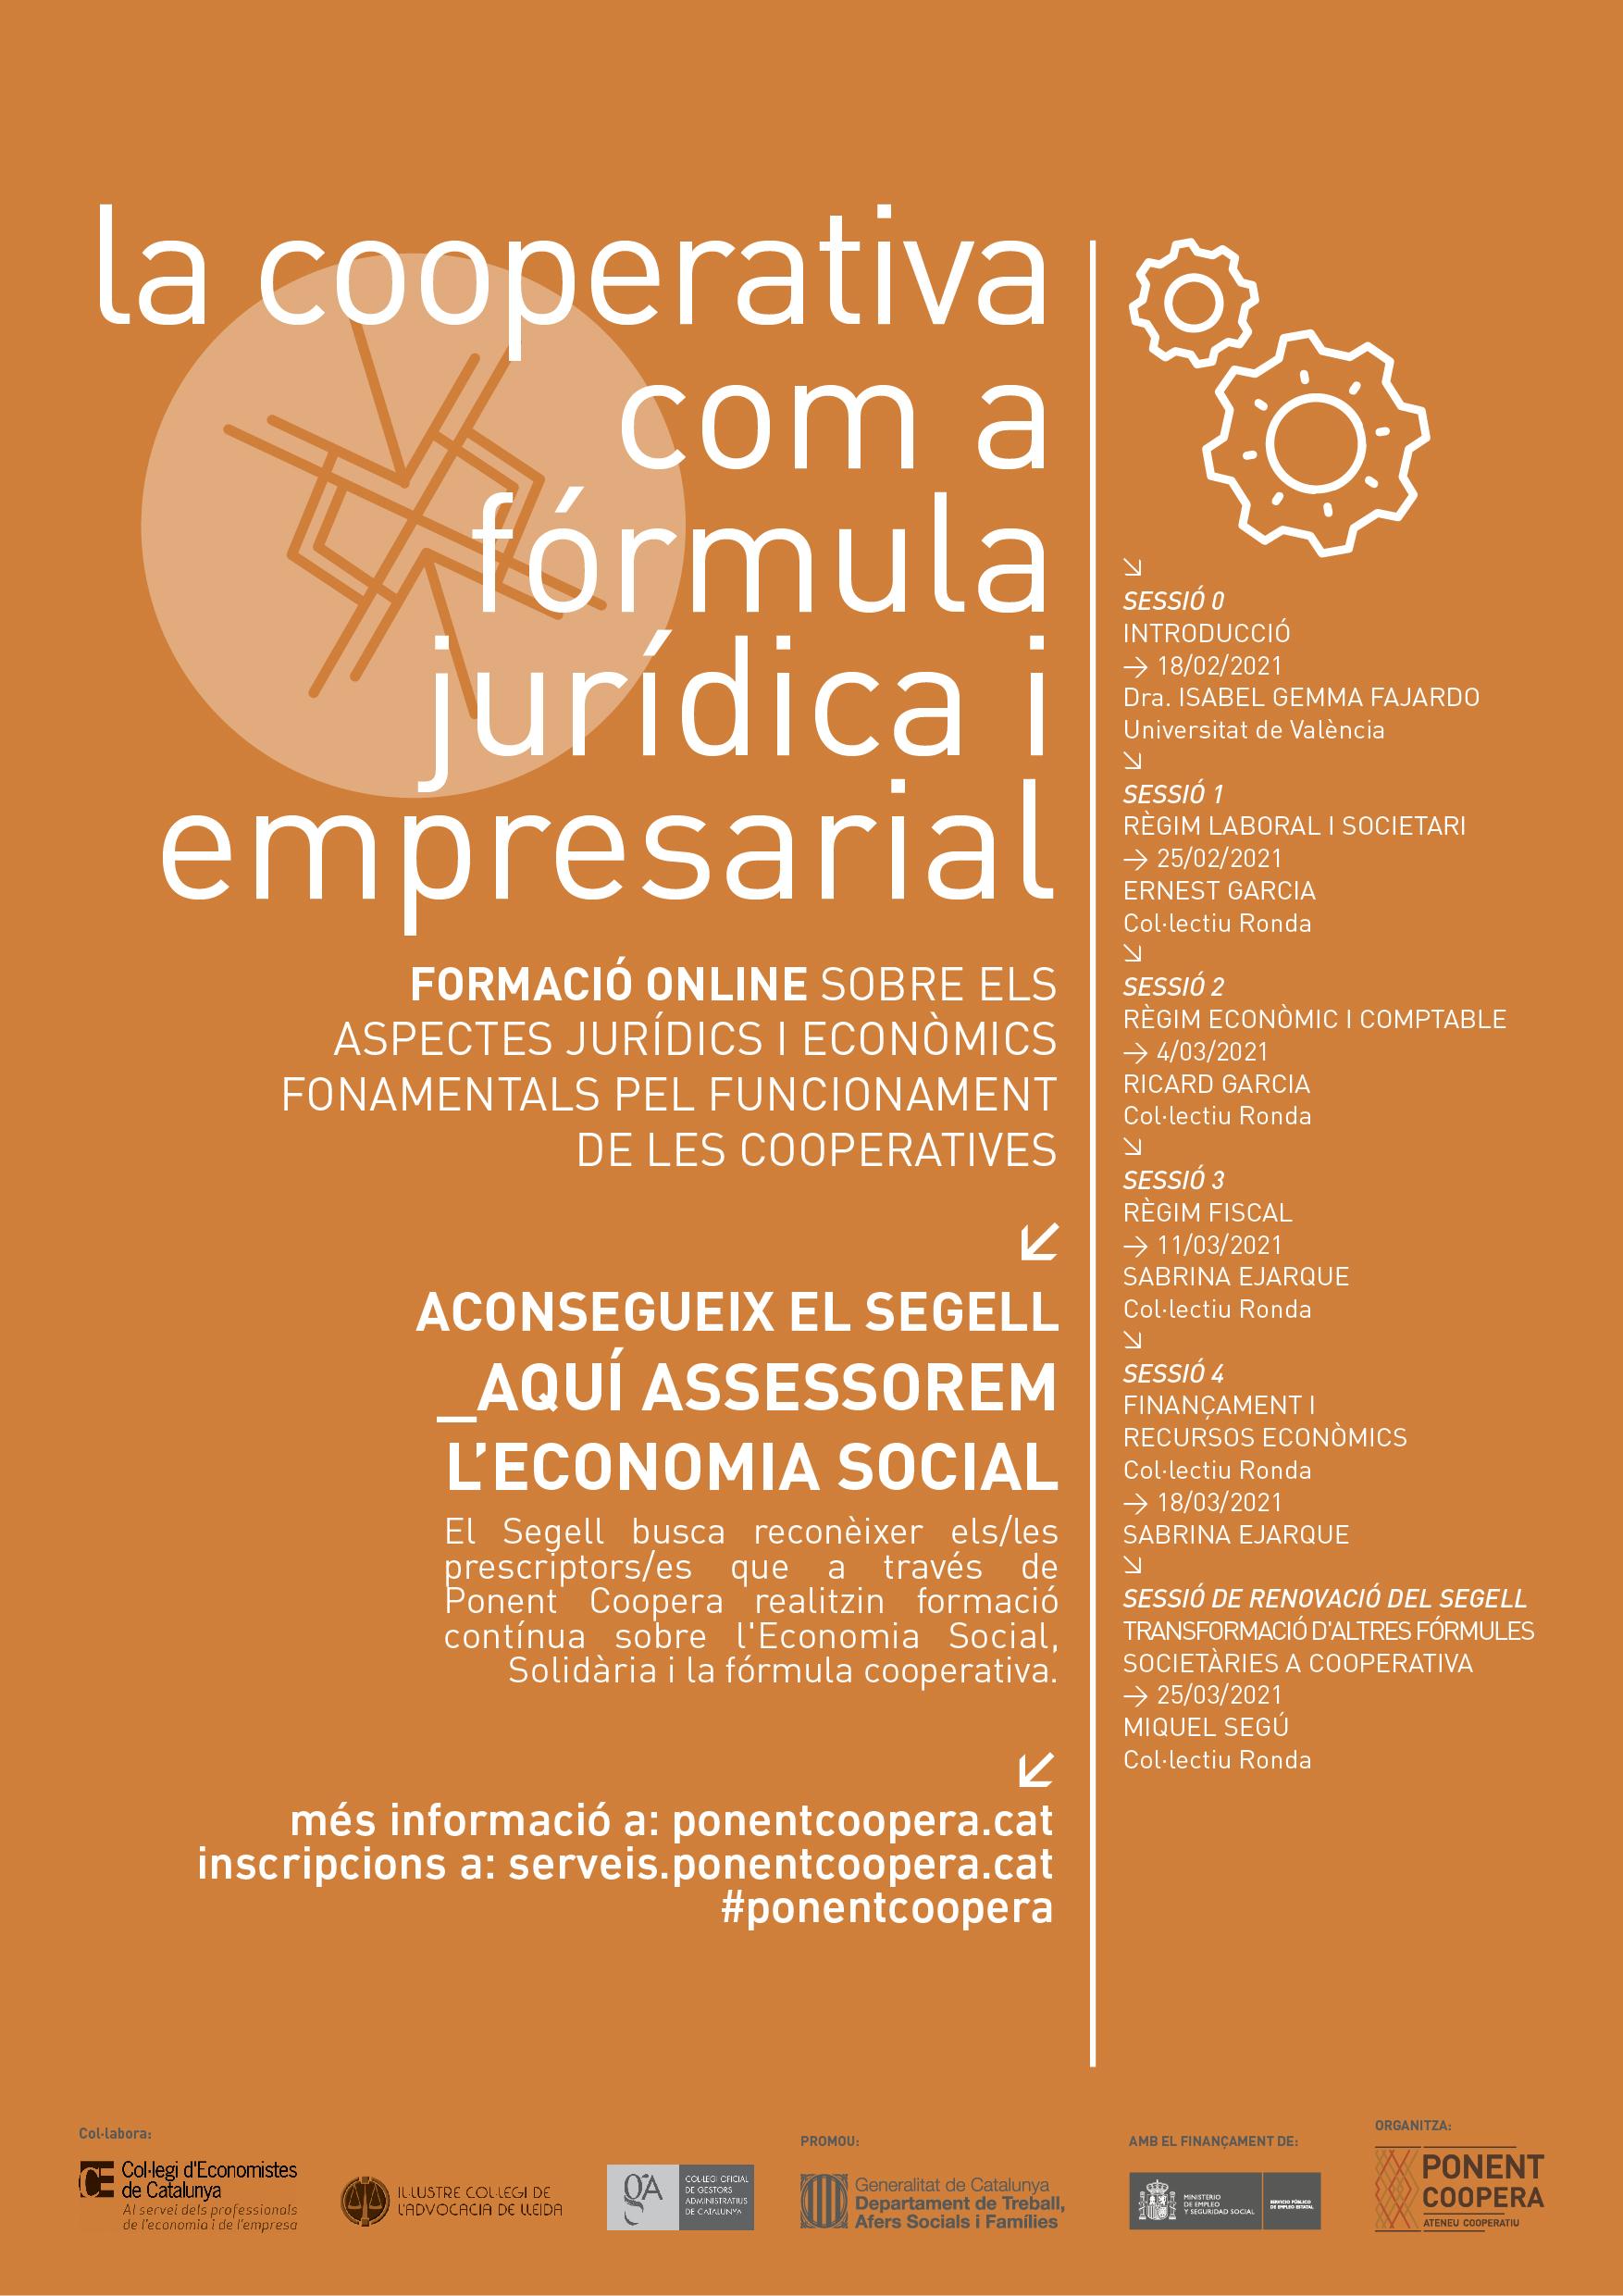 Formació La cooperativa com a fórmula jurídica i empresarial. Sessió 4